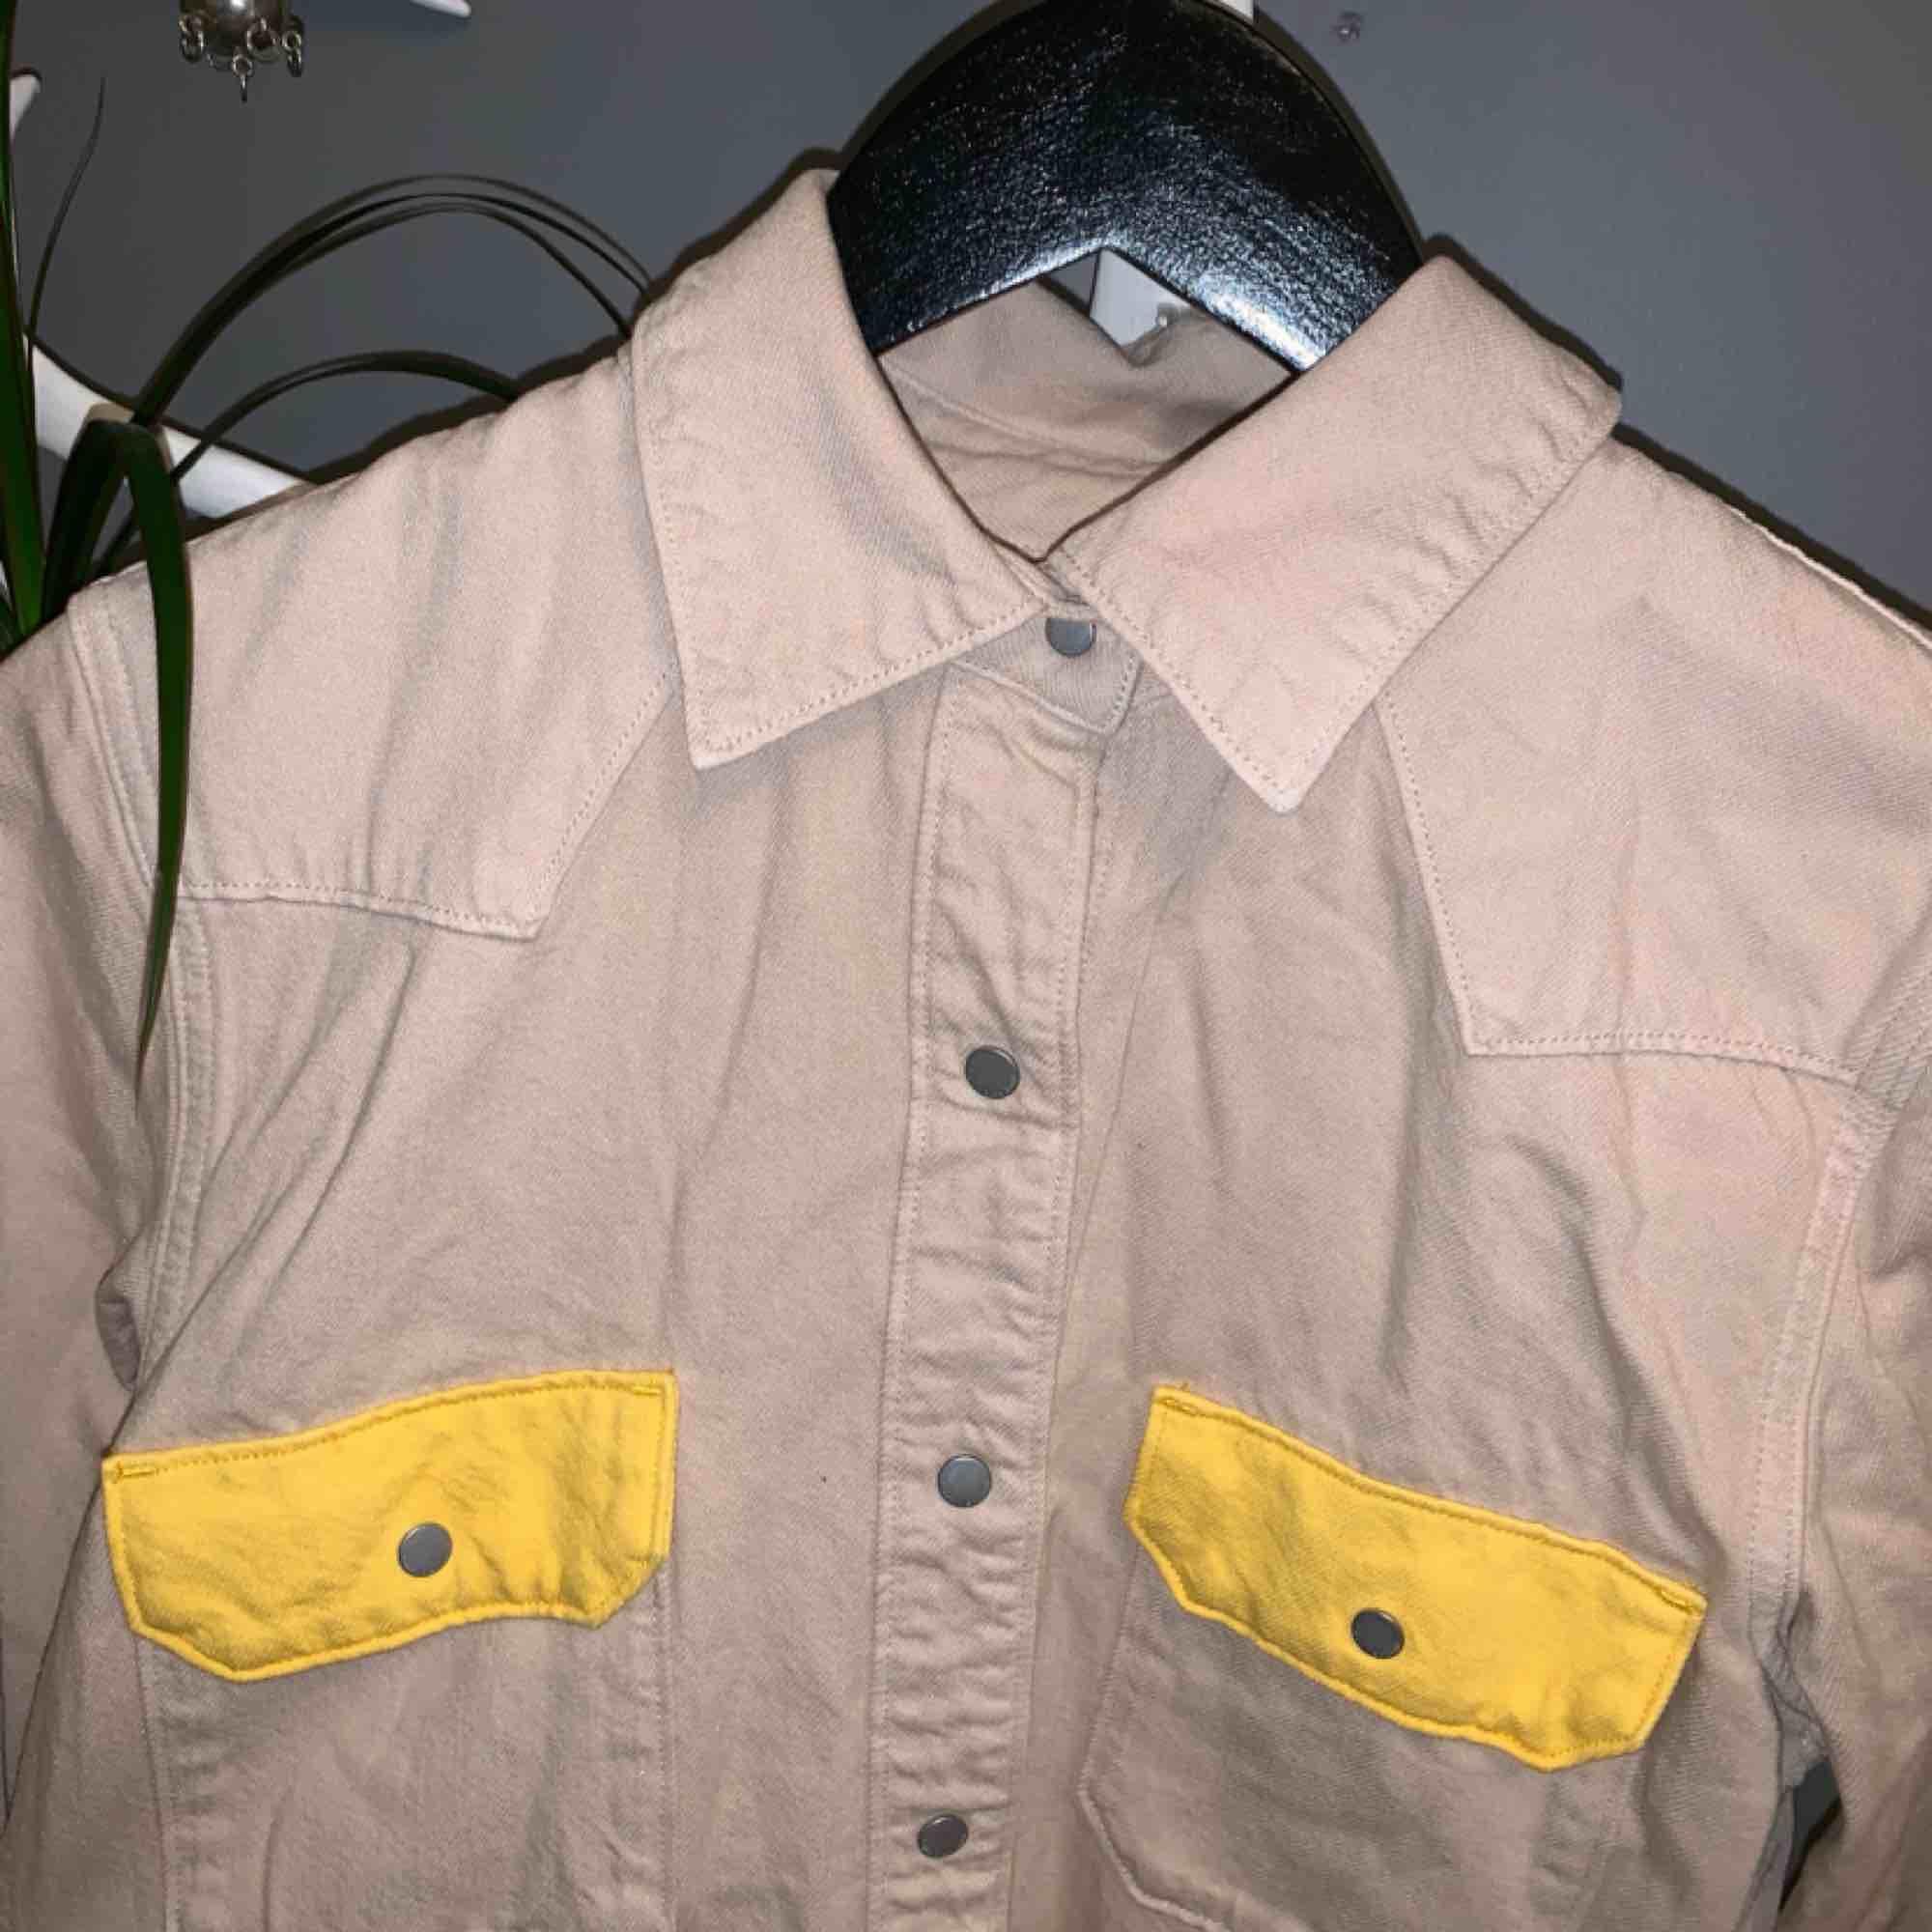 bright pocket shirt från calvin klein ss18 i strävare material. köpt här på plick men knappt använd alls. alldeles för stor på mig. kontakta för mer bilder eller annan info😎. Skjortor.